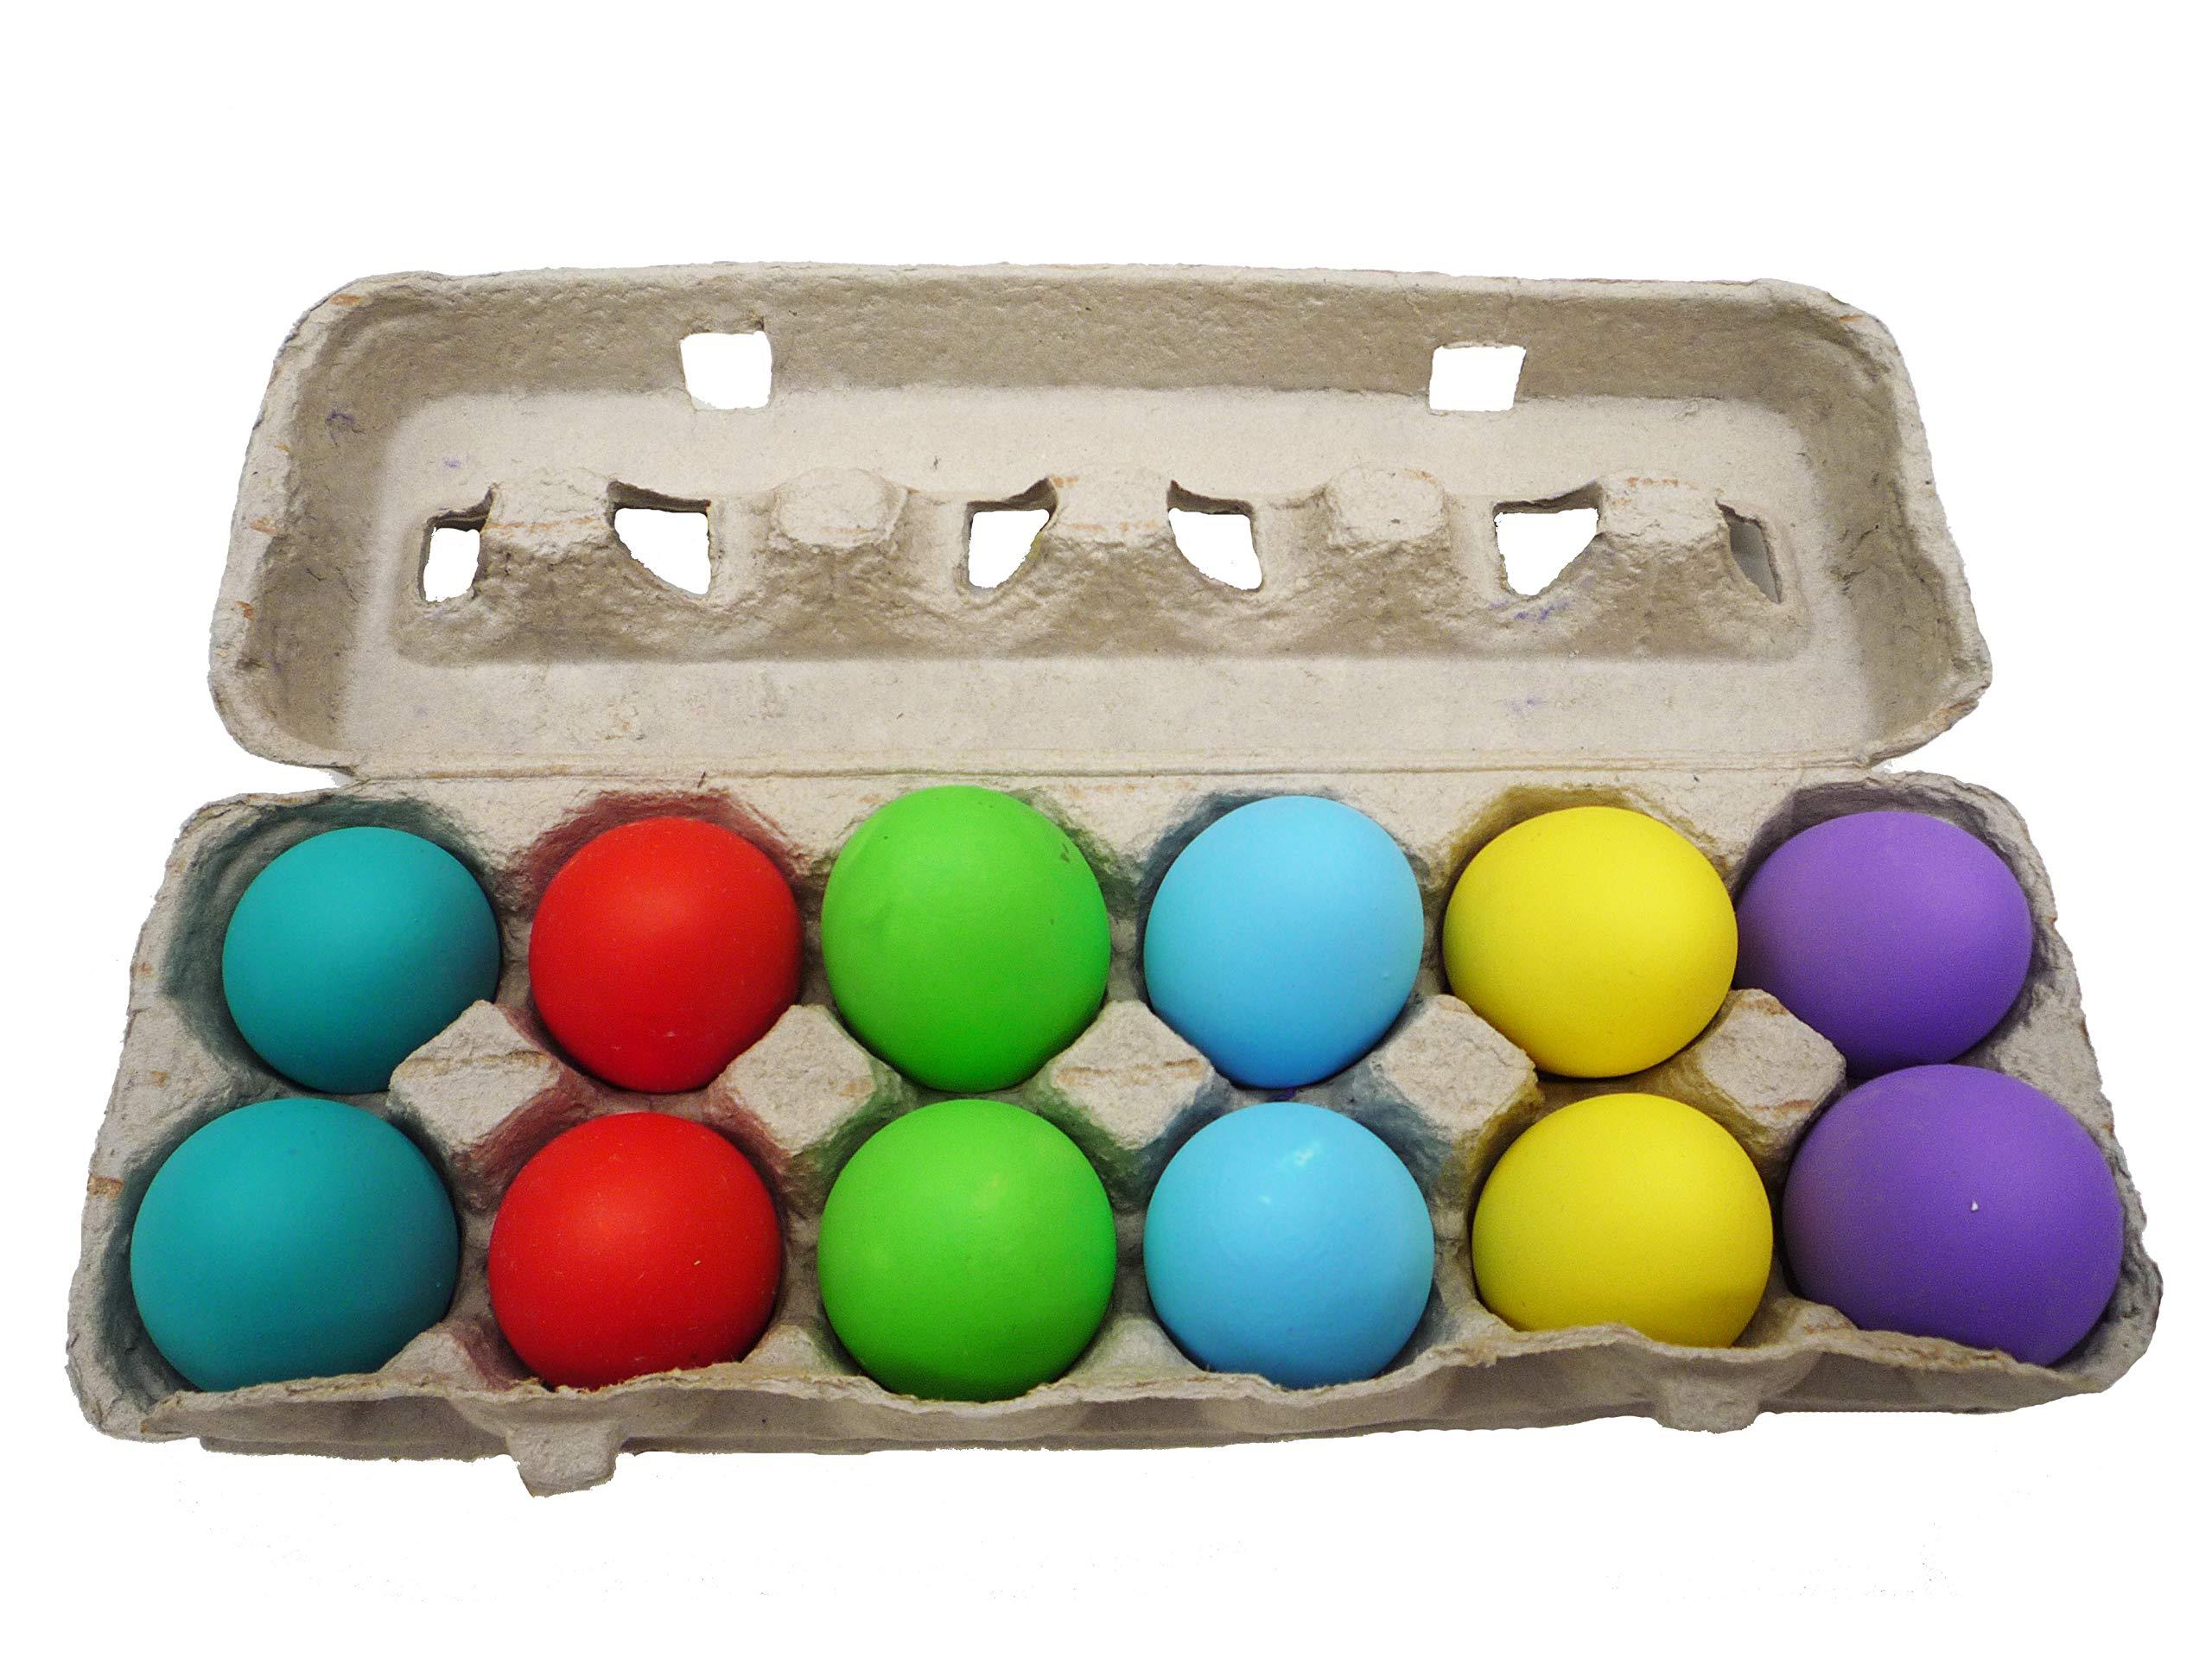 Confetti Eggs Cascarones, Multicolored, 240 Count, Party Game for Easter, San Antonio Fiesta Week, Cinco de Mayo or Birthday Party by Pinatas (Image #1)